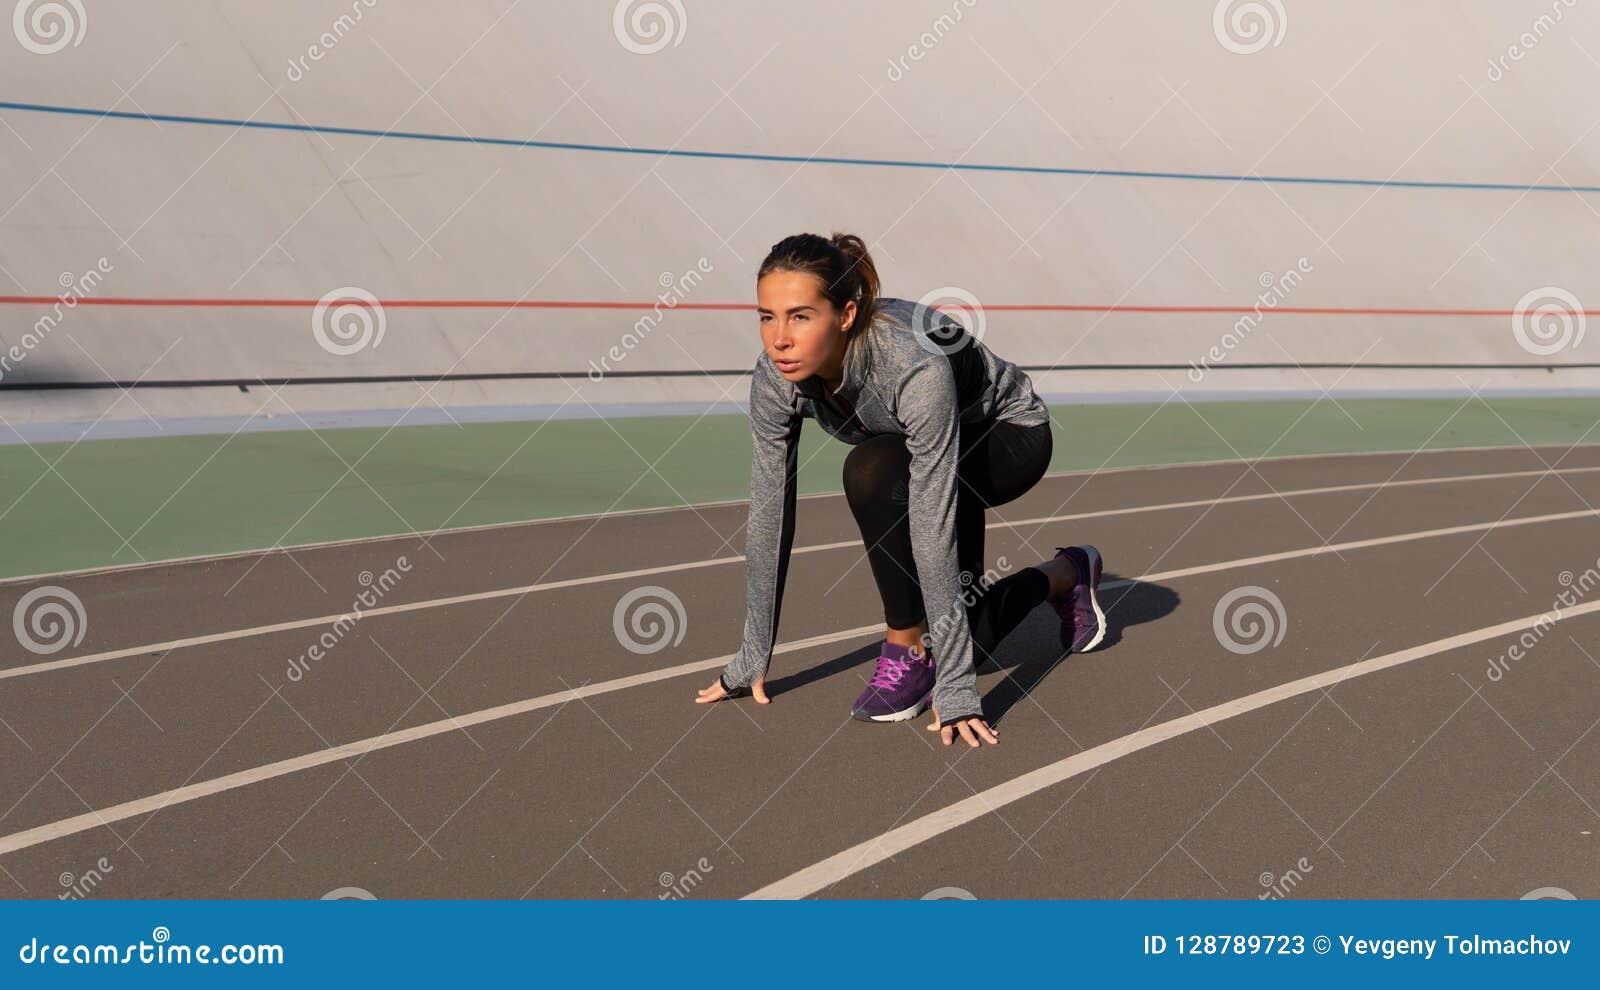 Independed-Brunettefrau, die für den Lauf auf der Läuferbahn sich vorbereitet